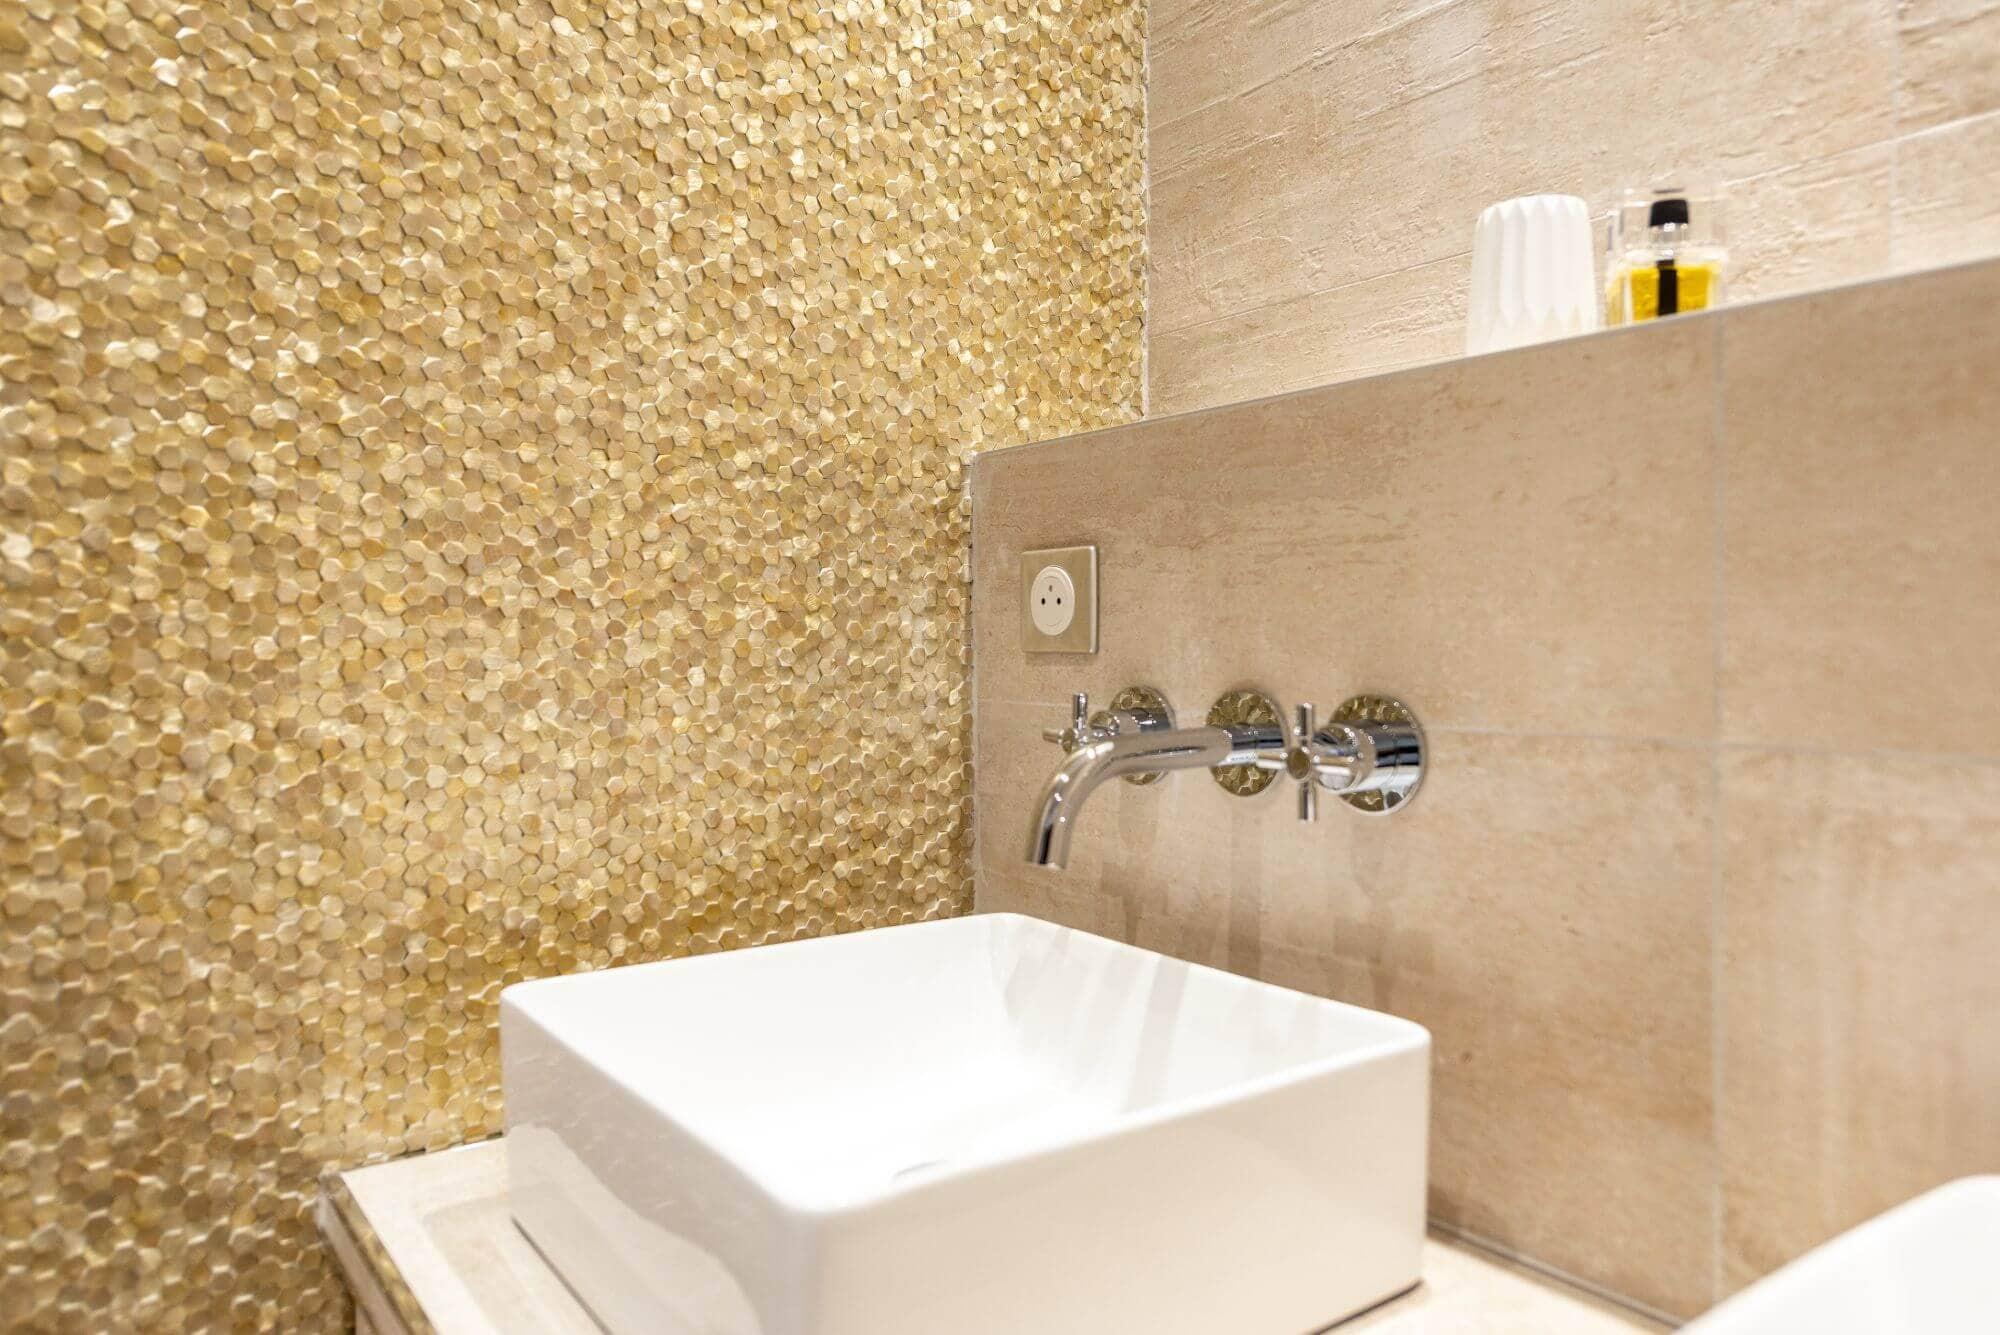 Salle de bain, Haut de gamme, Robinetterie, Vasques